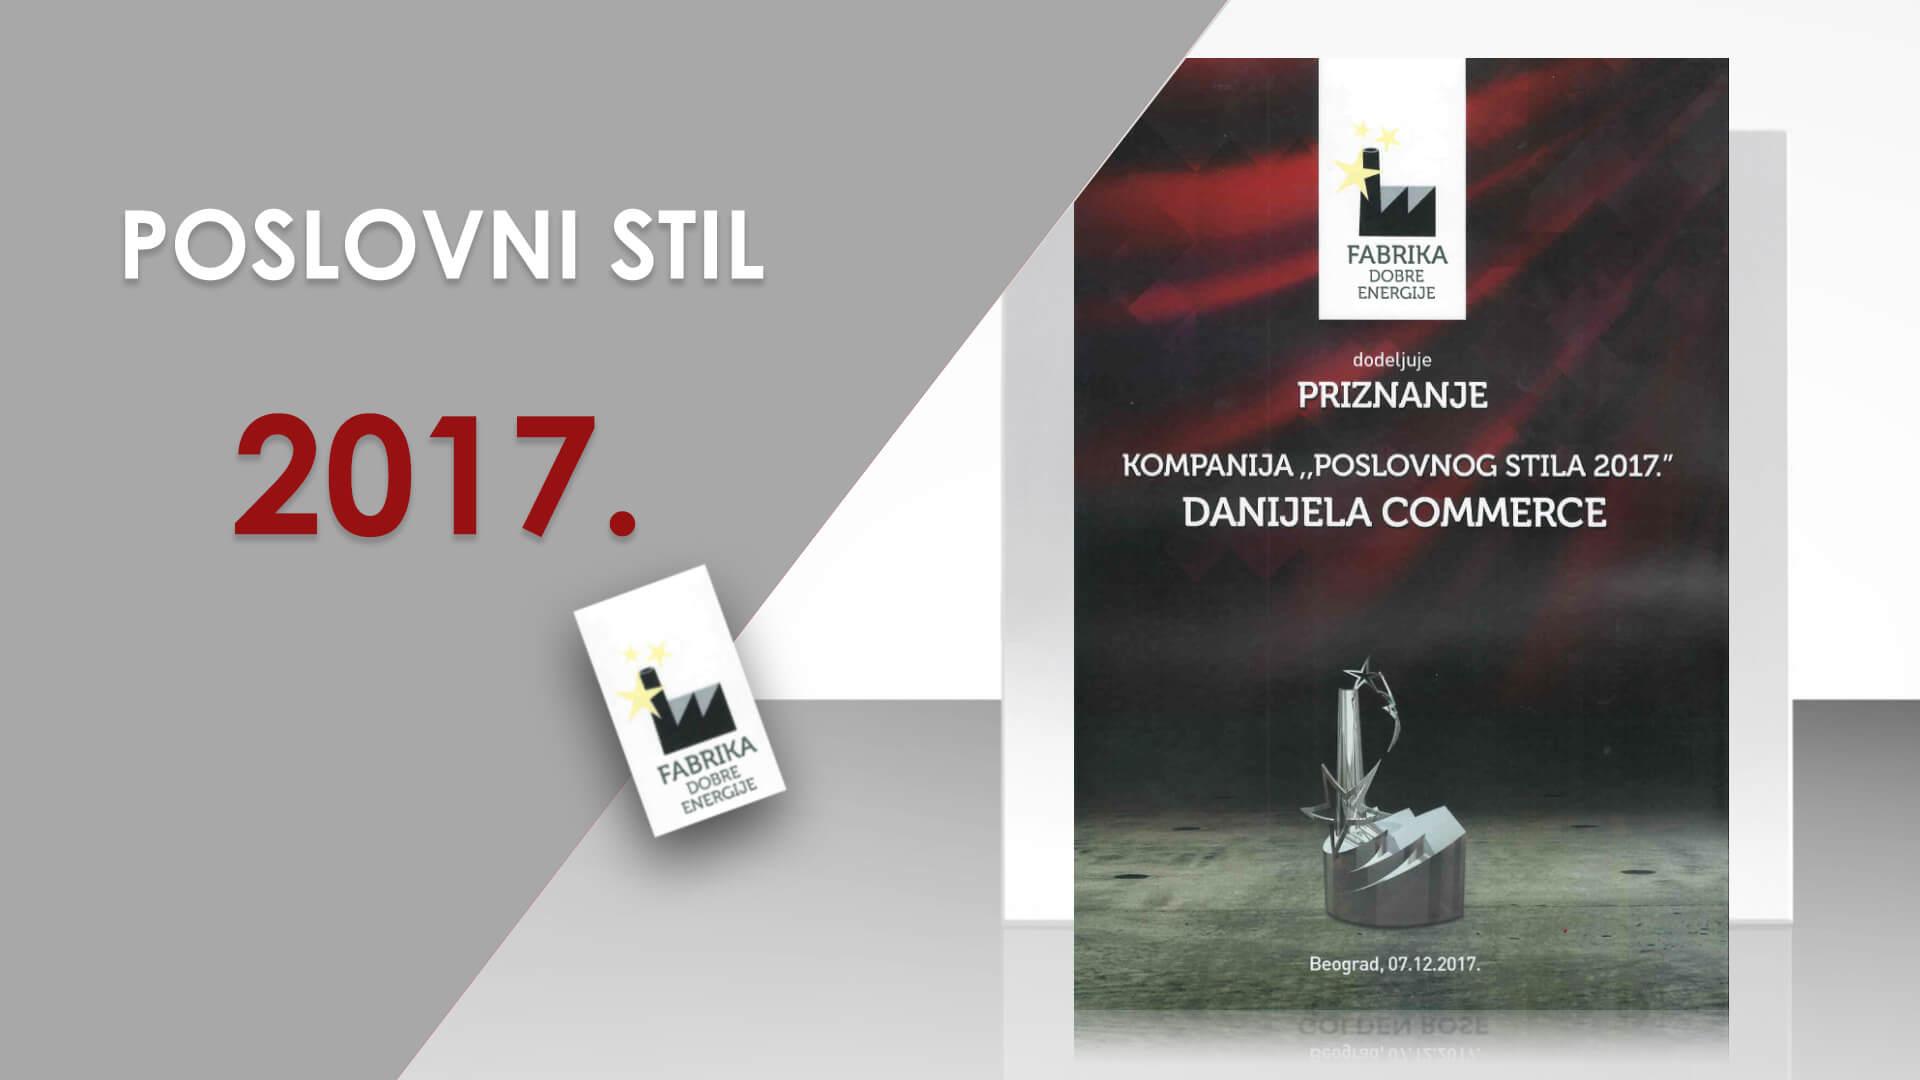 Danijela Commerce nagrada Poslovnog stila 2017